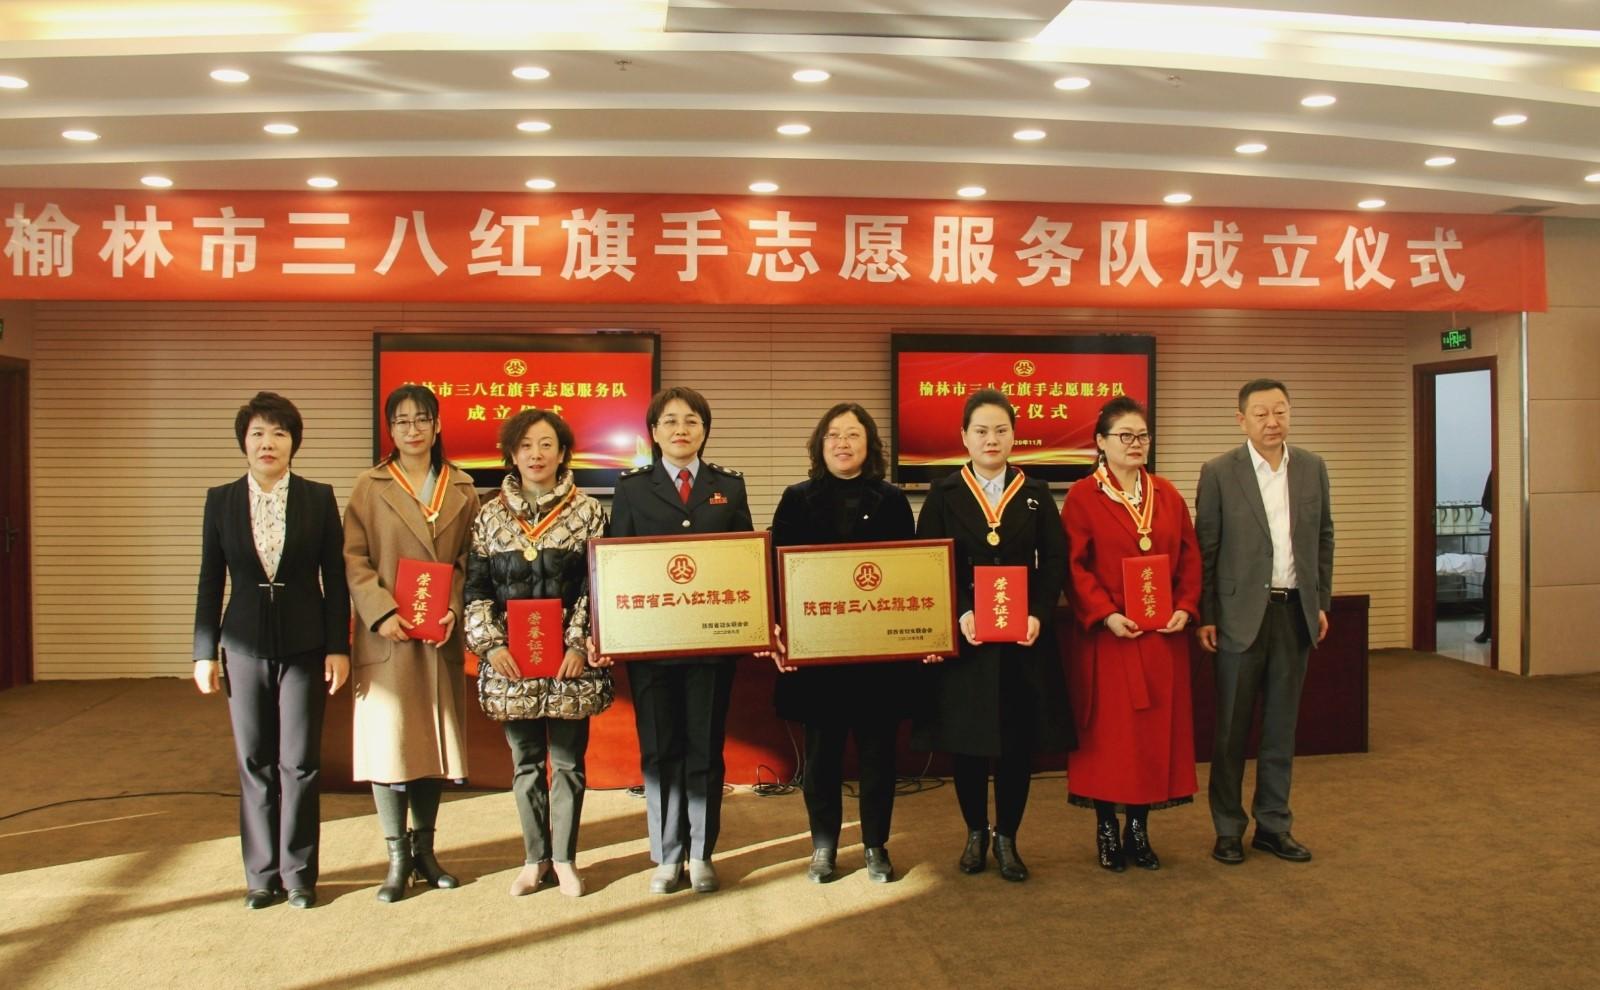 霍凤莲、谢宏共同为2020年省三八红旗手(集体)颁发荣誉证书及奖牌.jpg